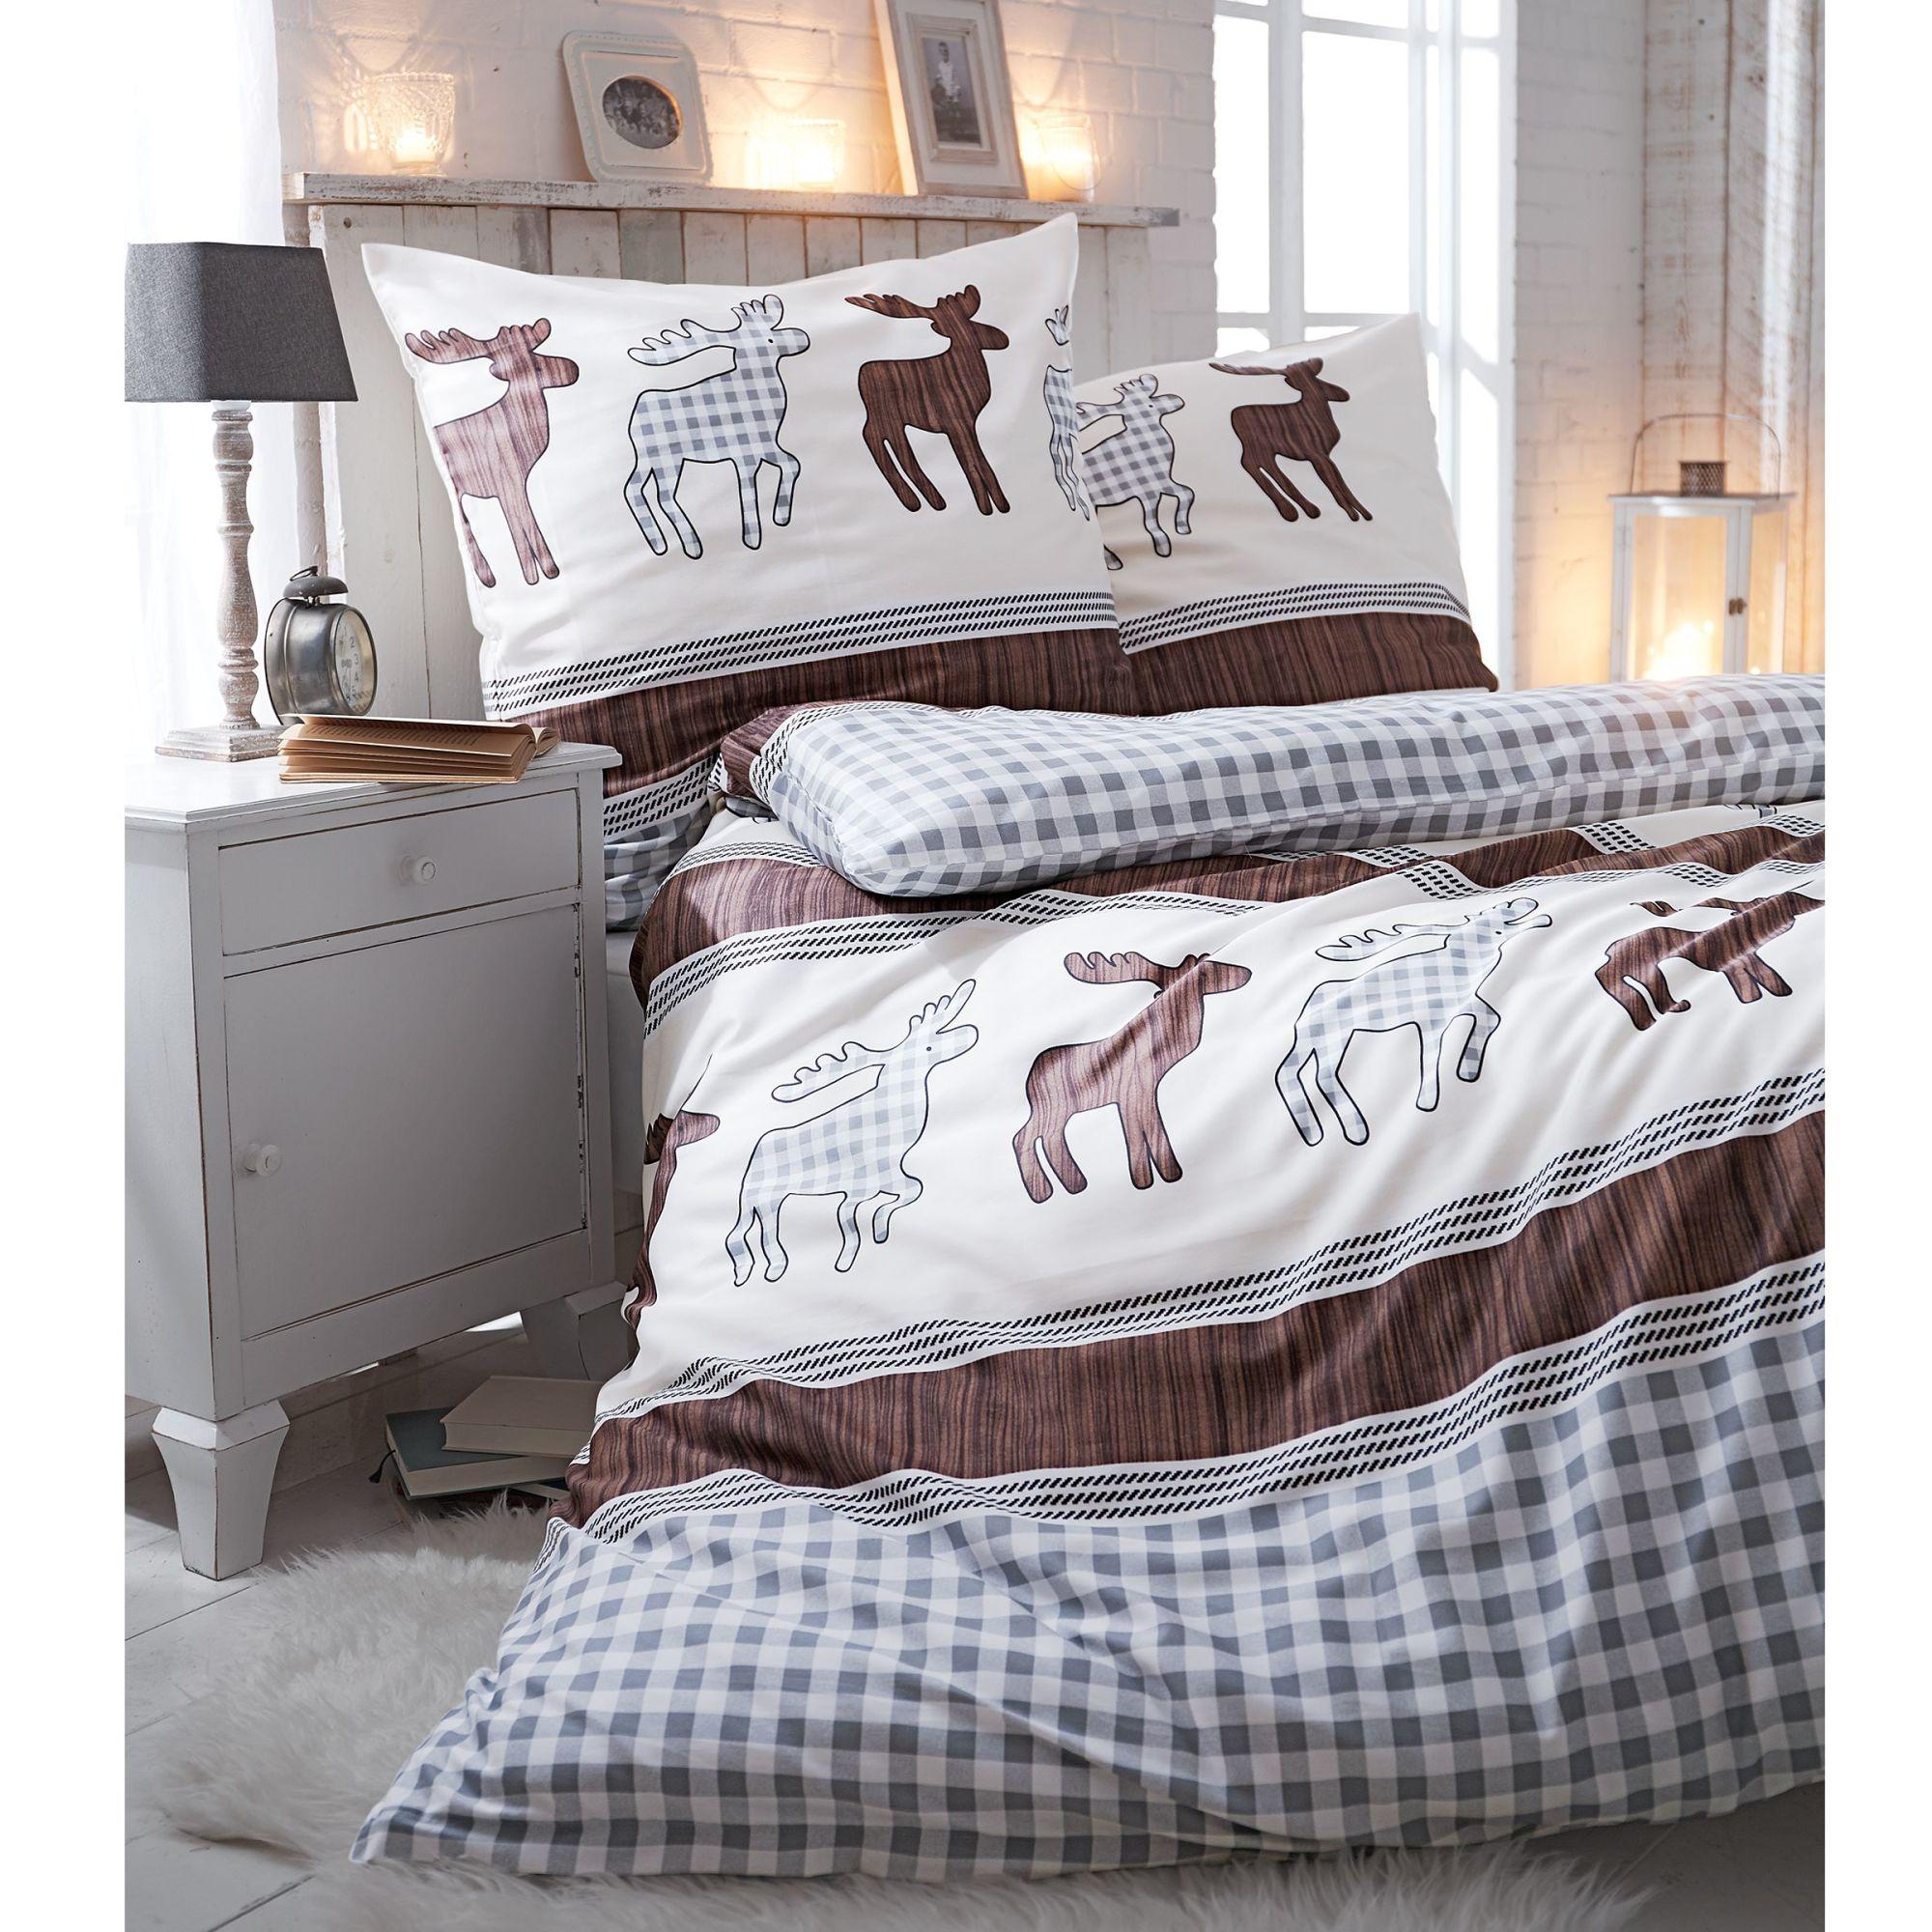 biber bettw sche mit elchmotiv my blog. Black Bedroom Furniture Sets. Home Design Ideas